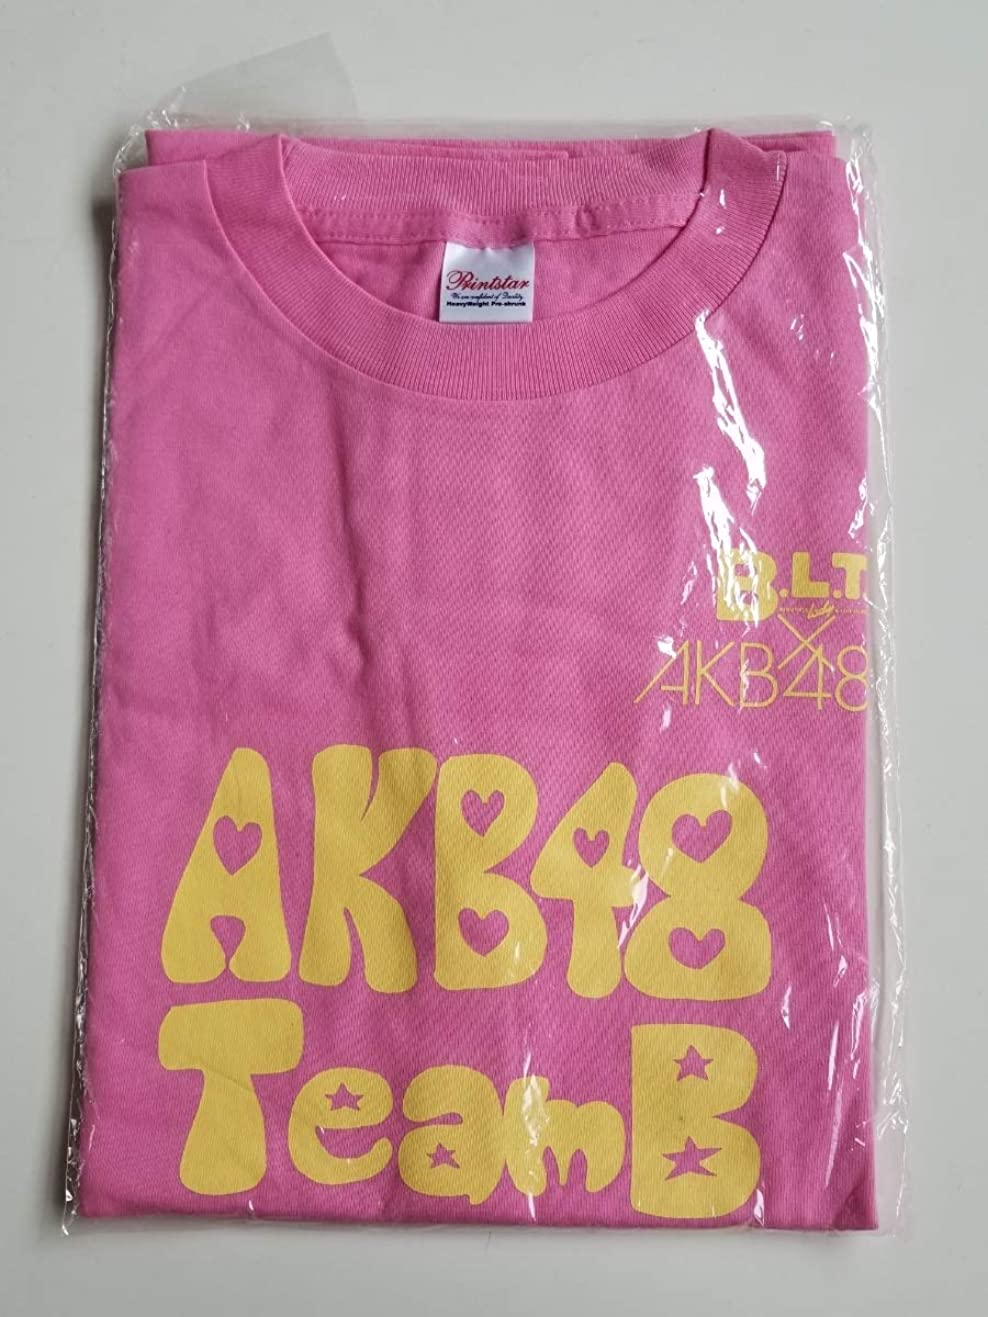 決済経営者感謝AKB48AKB48 鈴木まりや BLTコラボ Tシャツ 直筆サイン ?Mサイズ? JC255